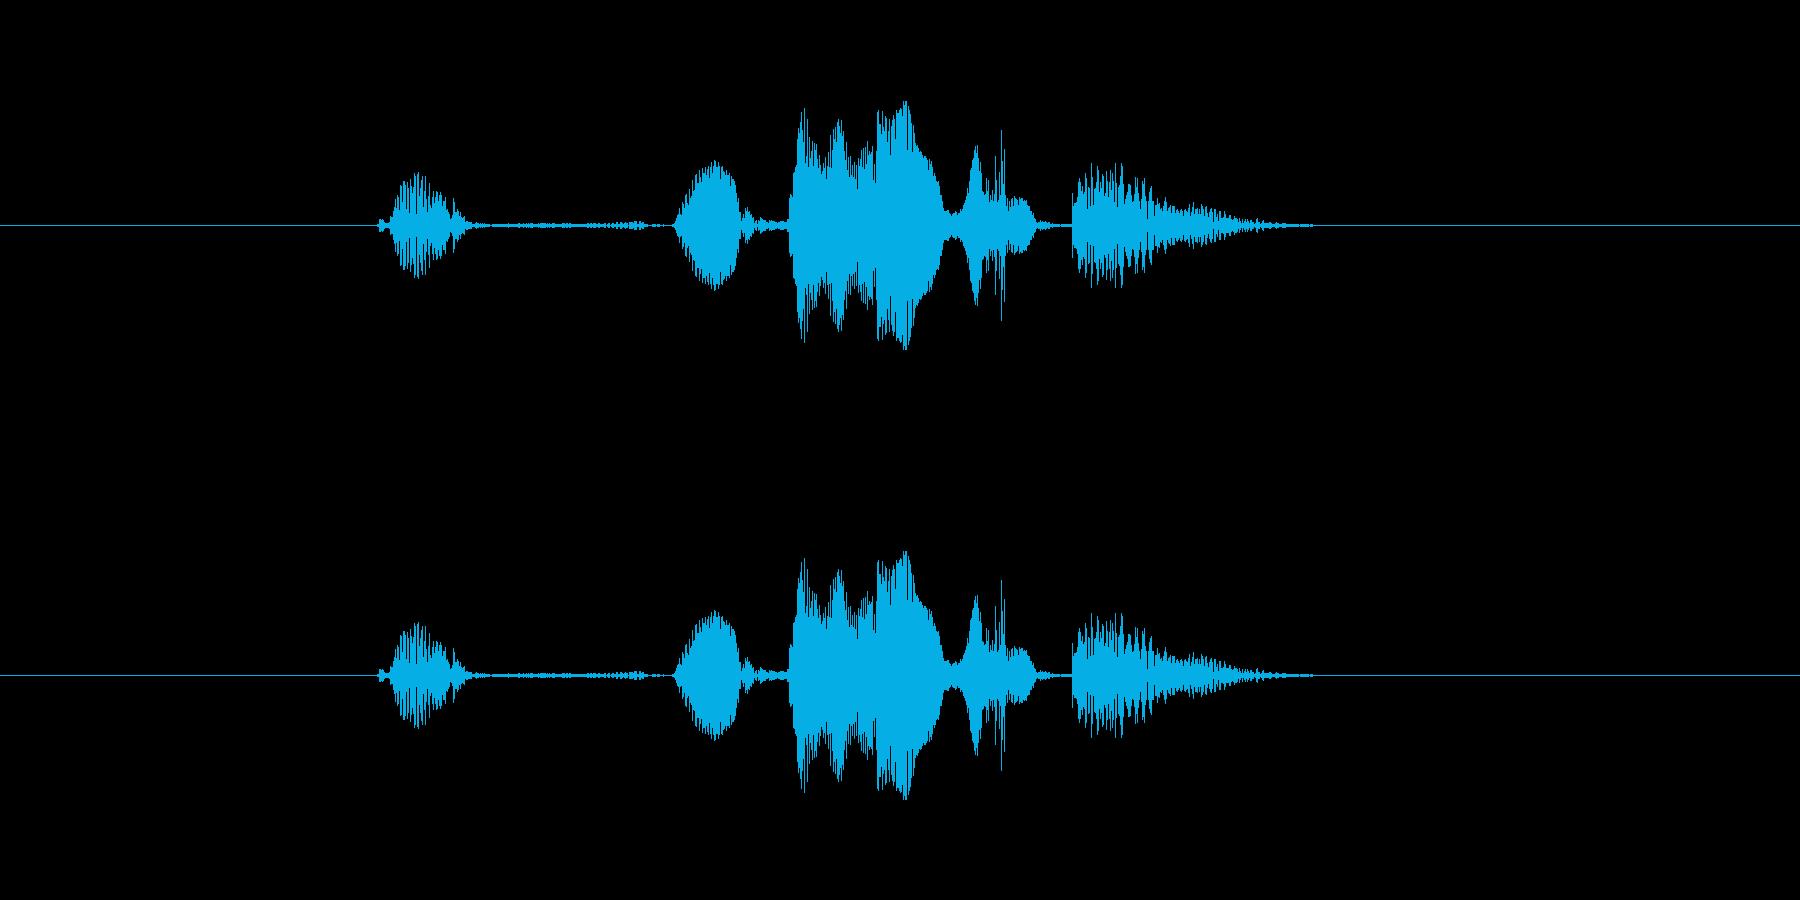 これ、どないなっとんねんの再生済みの波形